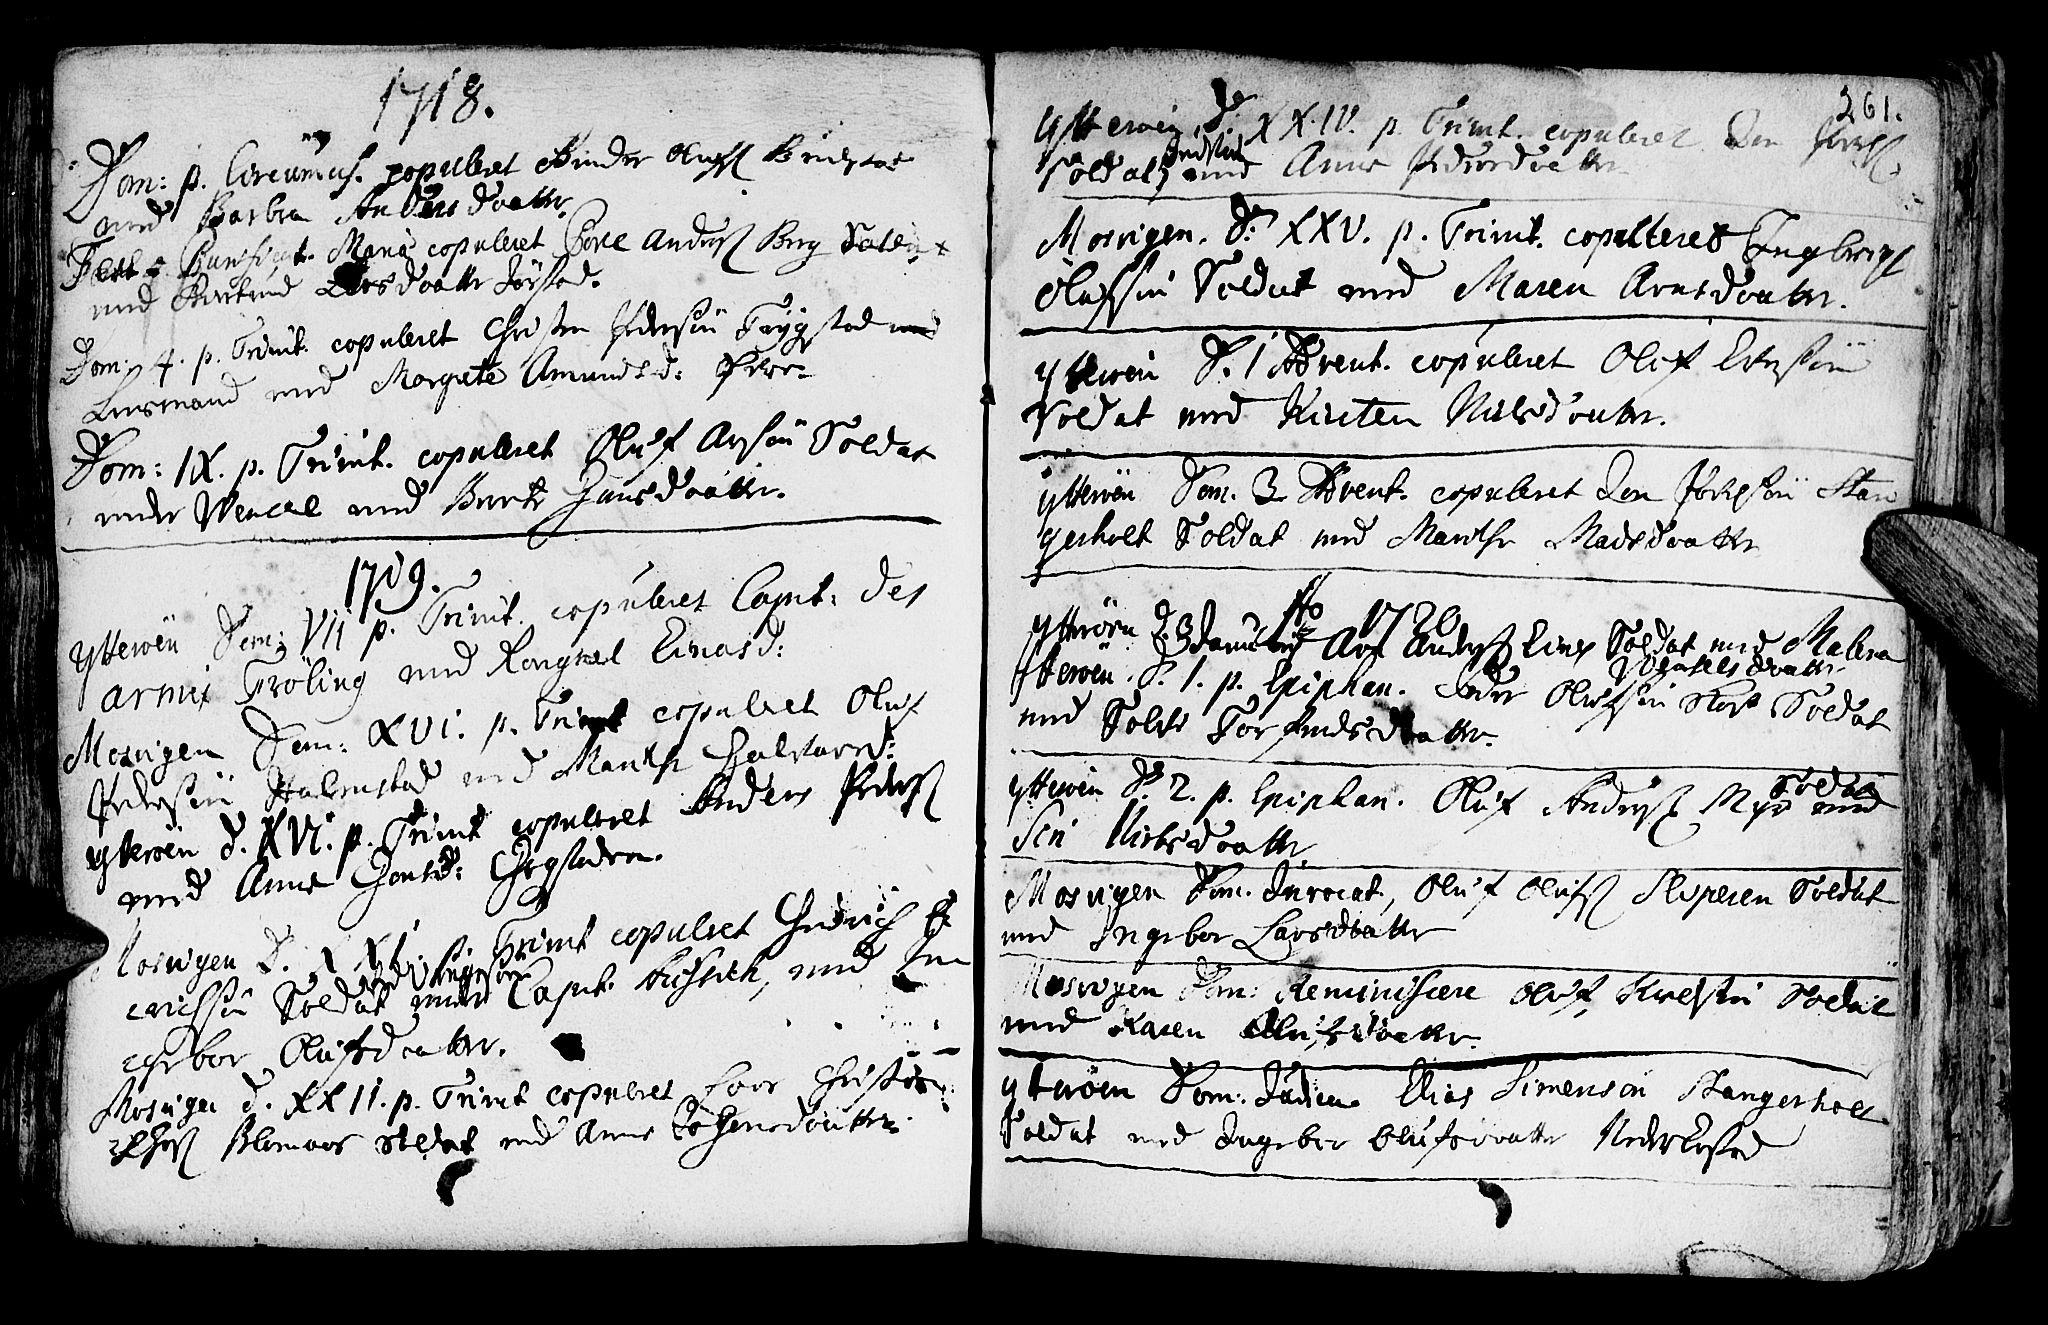 SAT, Ministerialprotokoller, klokkerbøker og fødselsregistre - Nord-Trøndelag, 722/L0215: Ministerialbok nr. 722A02, 1718-1755, s. 261